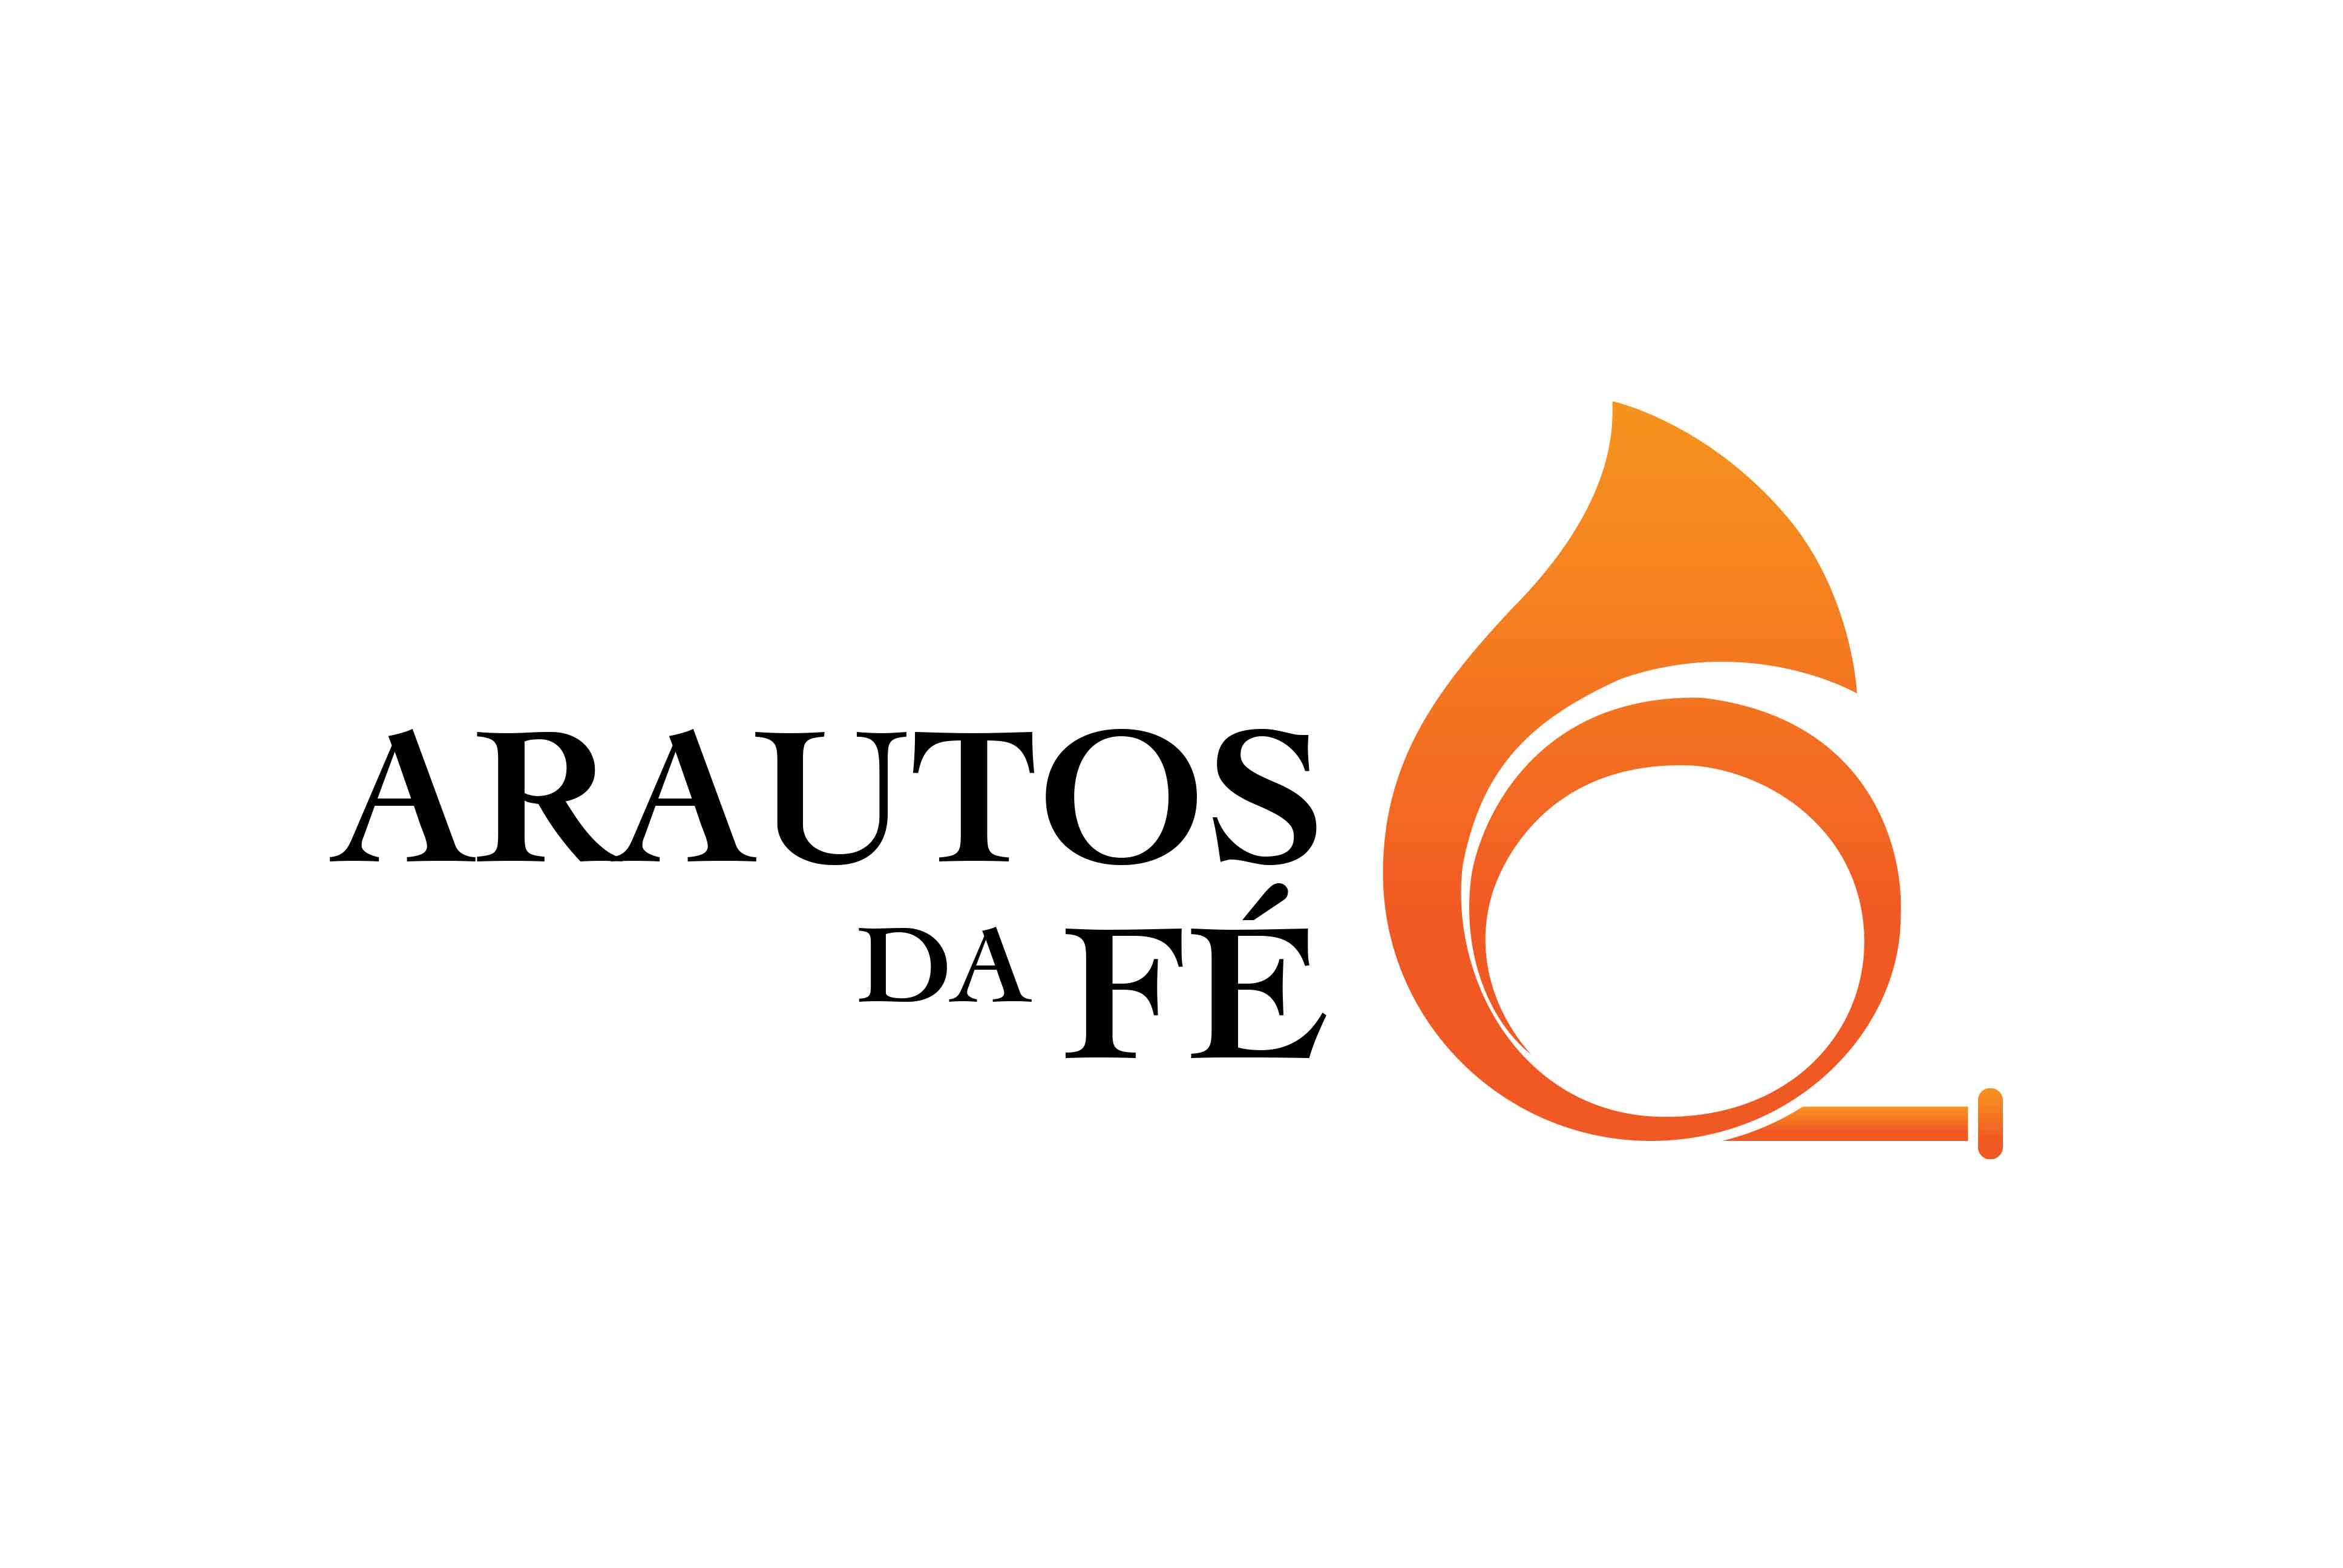 O portal Arautos da Fé está no ar desde 23 de Dezembro de 2014